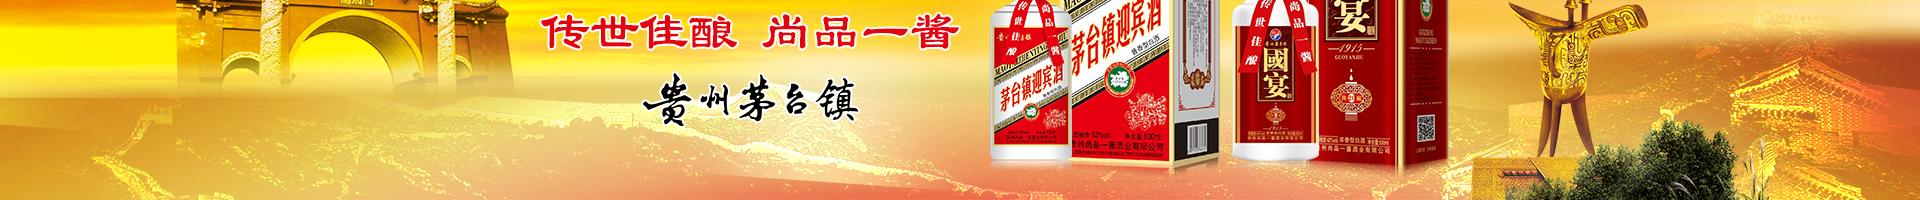 贵州尚品一酱酒业有限公司